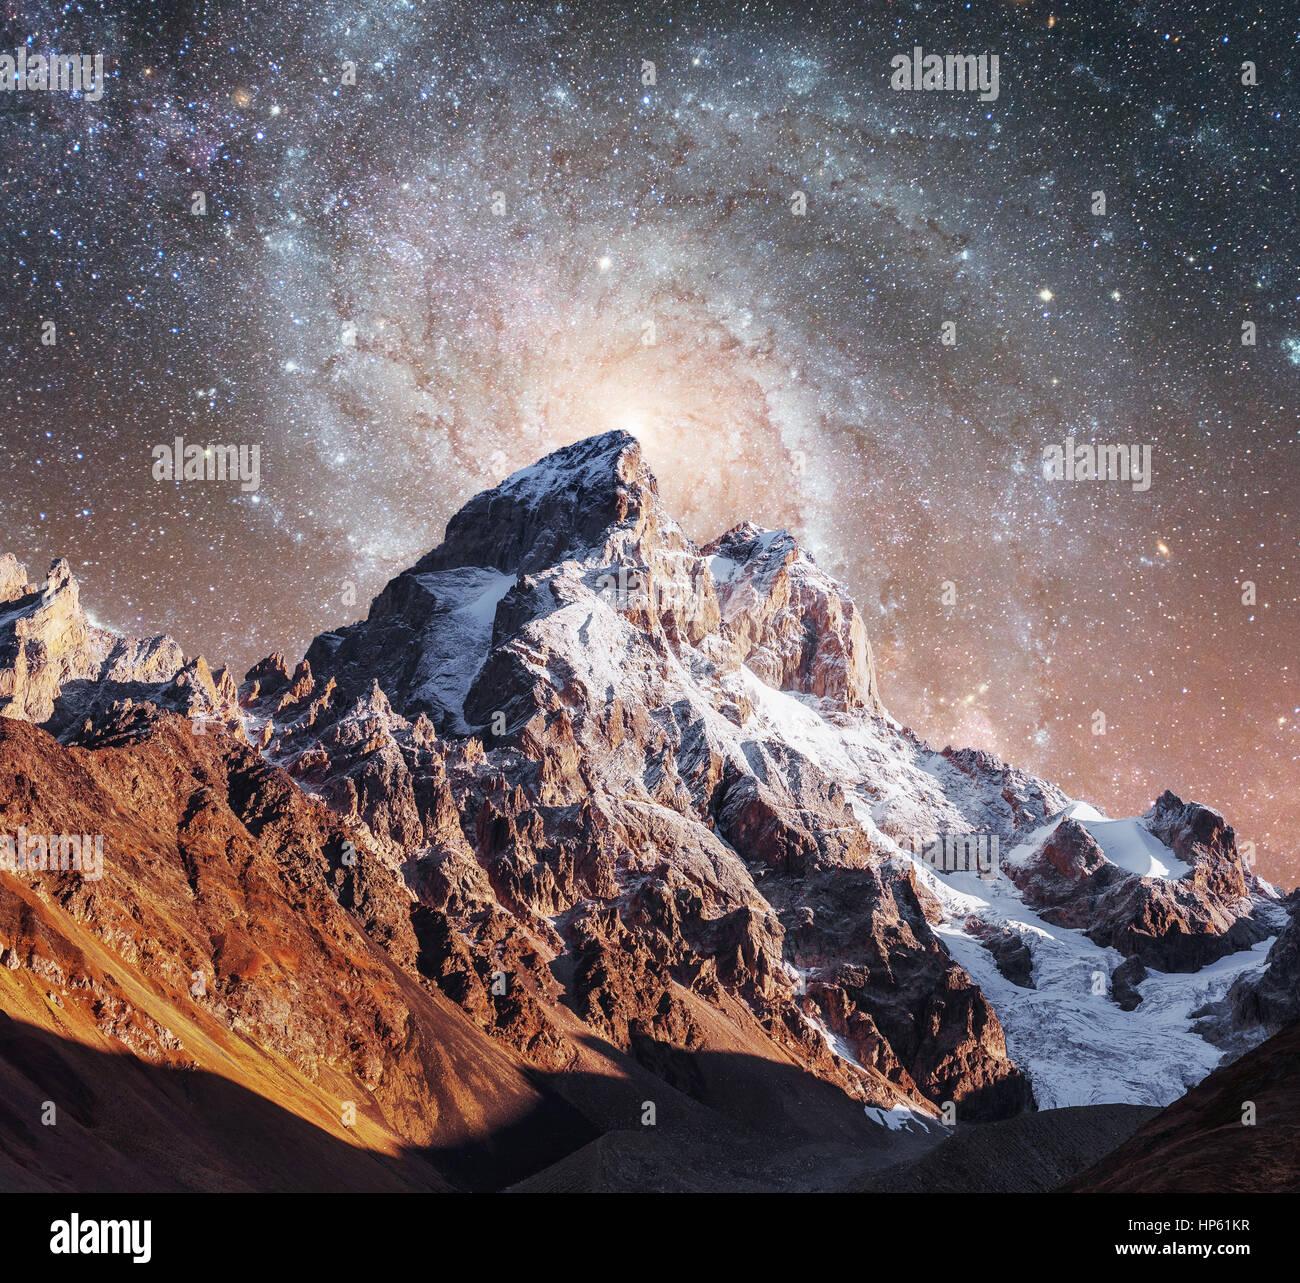 Superbe ciel étoilé. Avec la permission de la NASA. Paysage d'automne et de sno Photo Stock